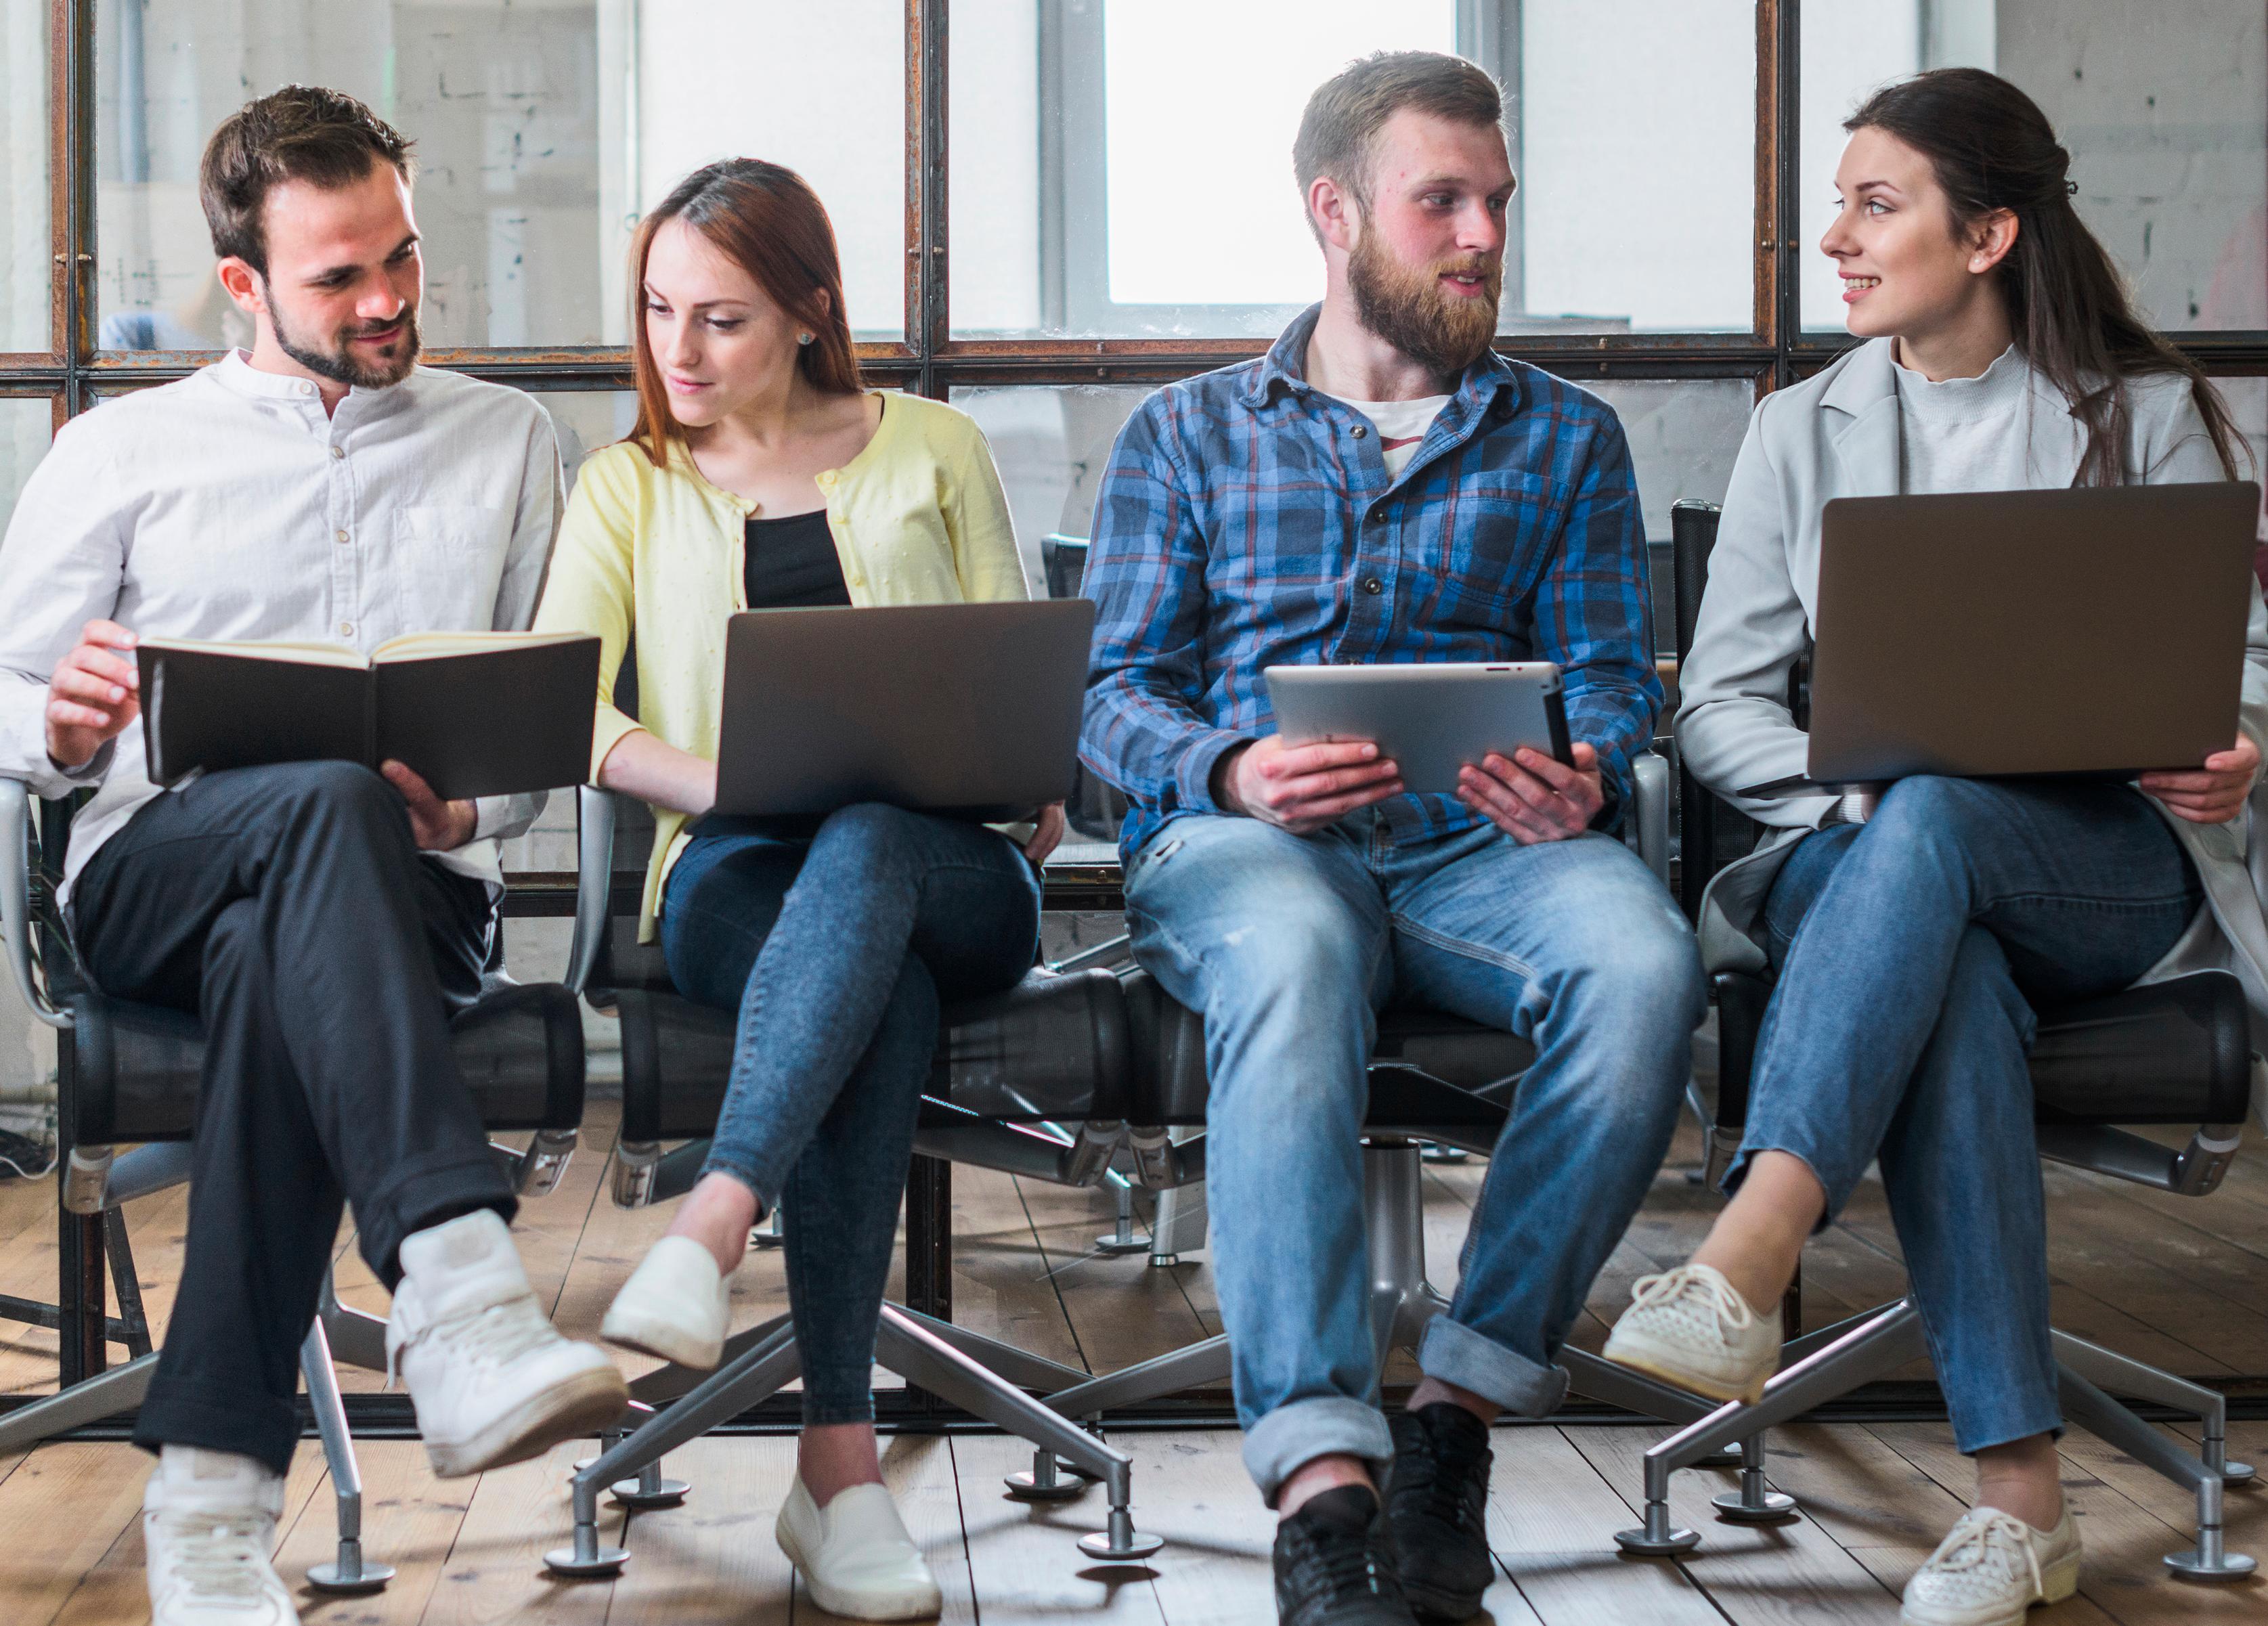 Cómo-trabajar-con-las-nuevas-generaciones-de-trabajadores-millennials-y-centennials-4